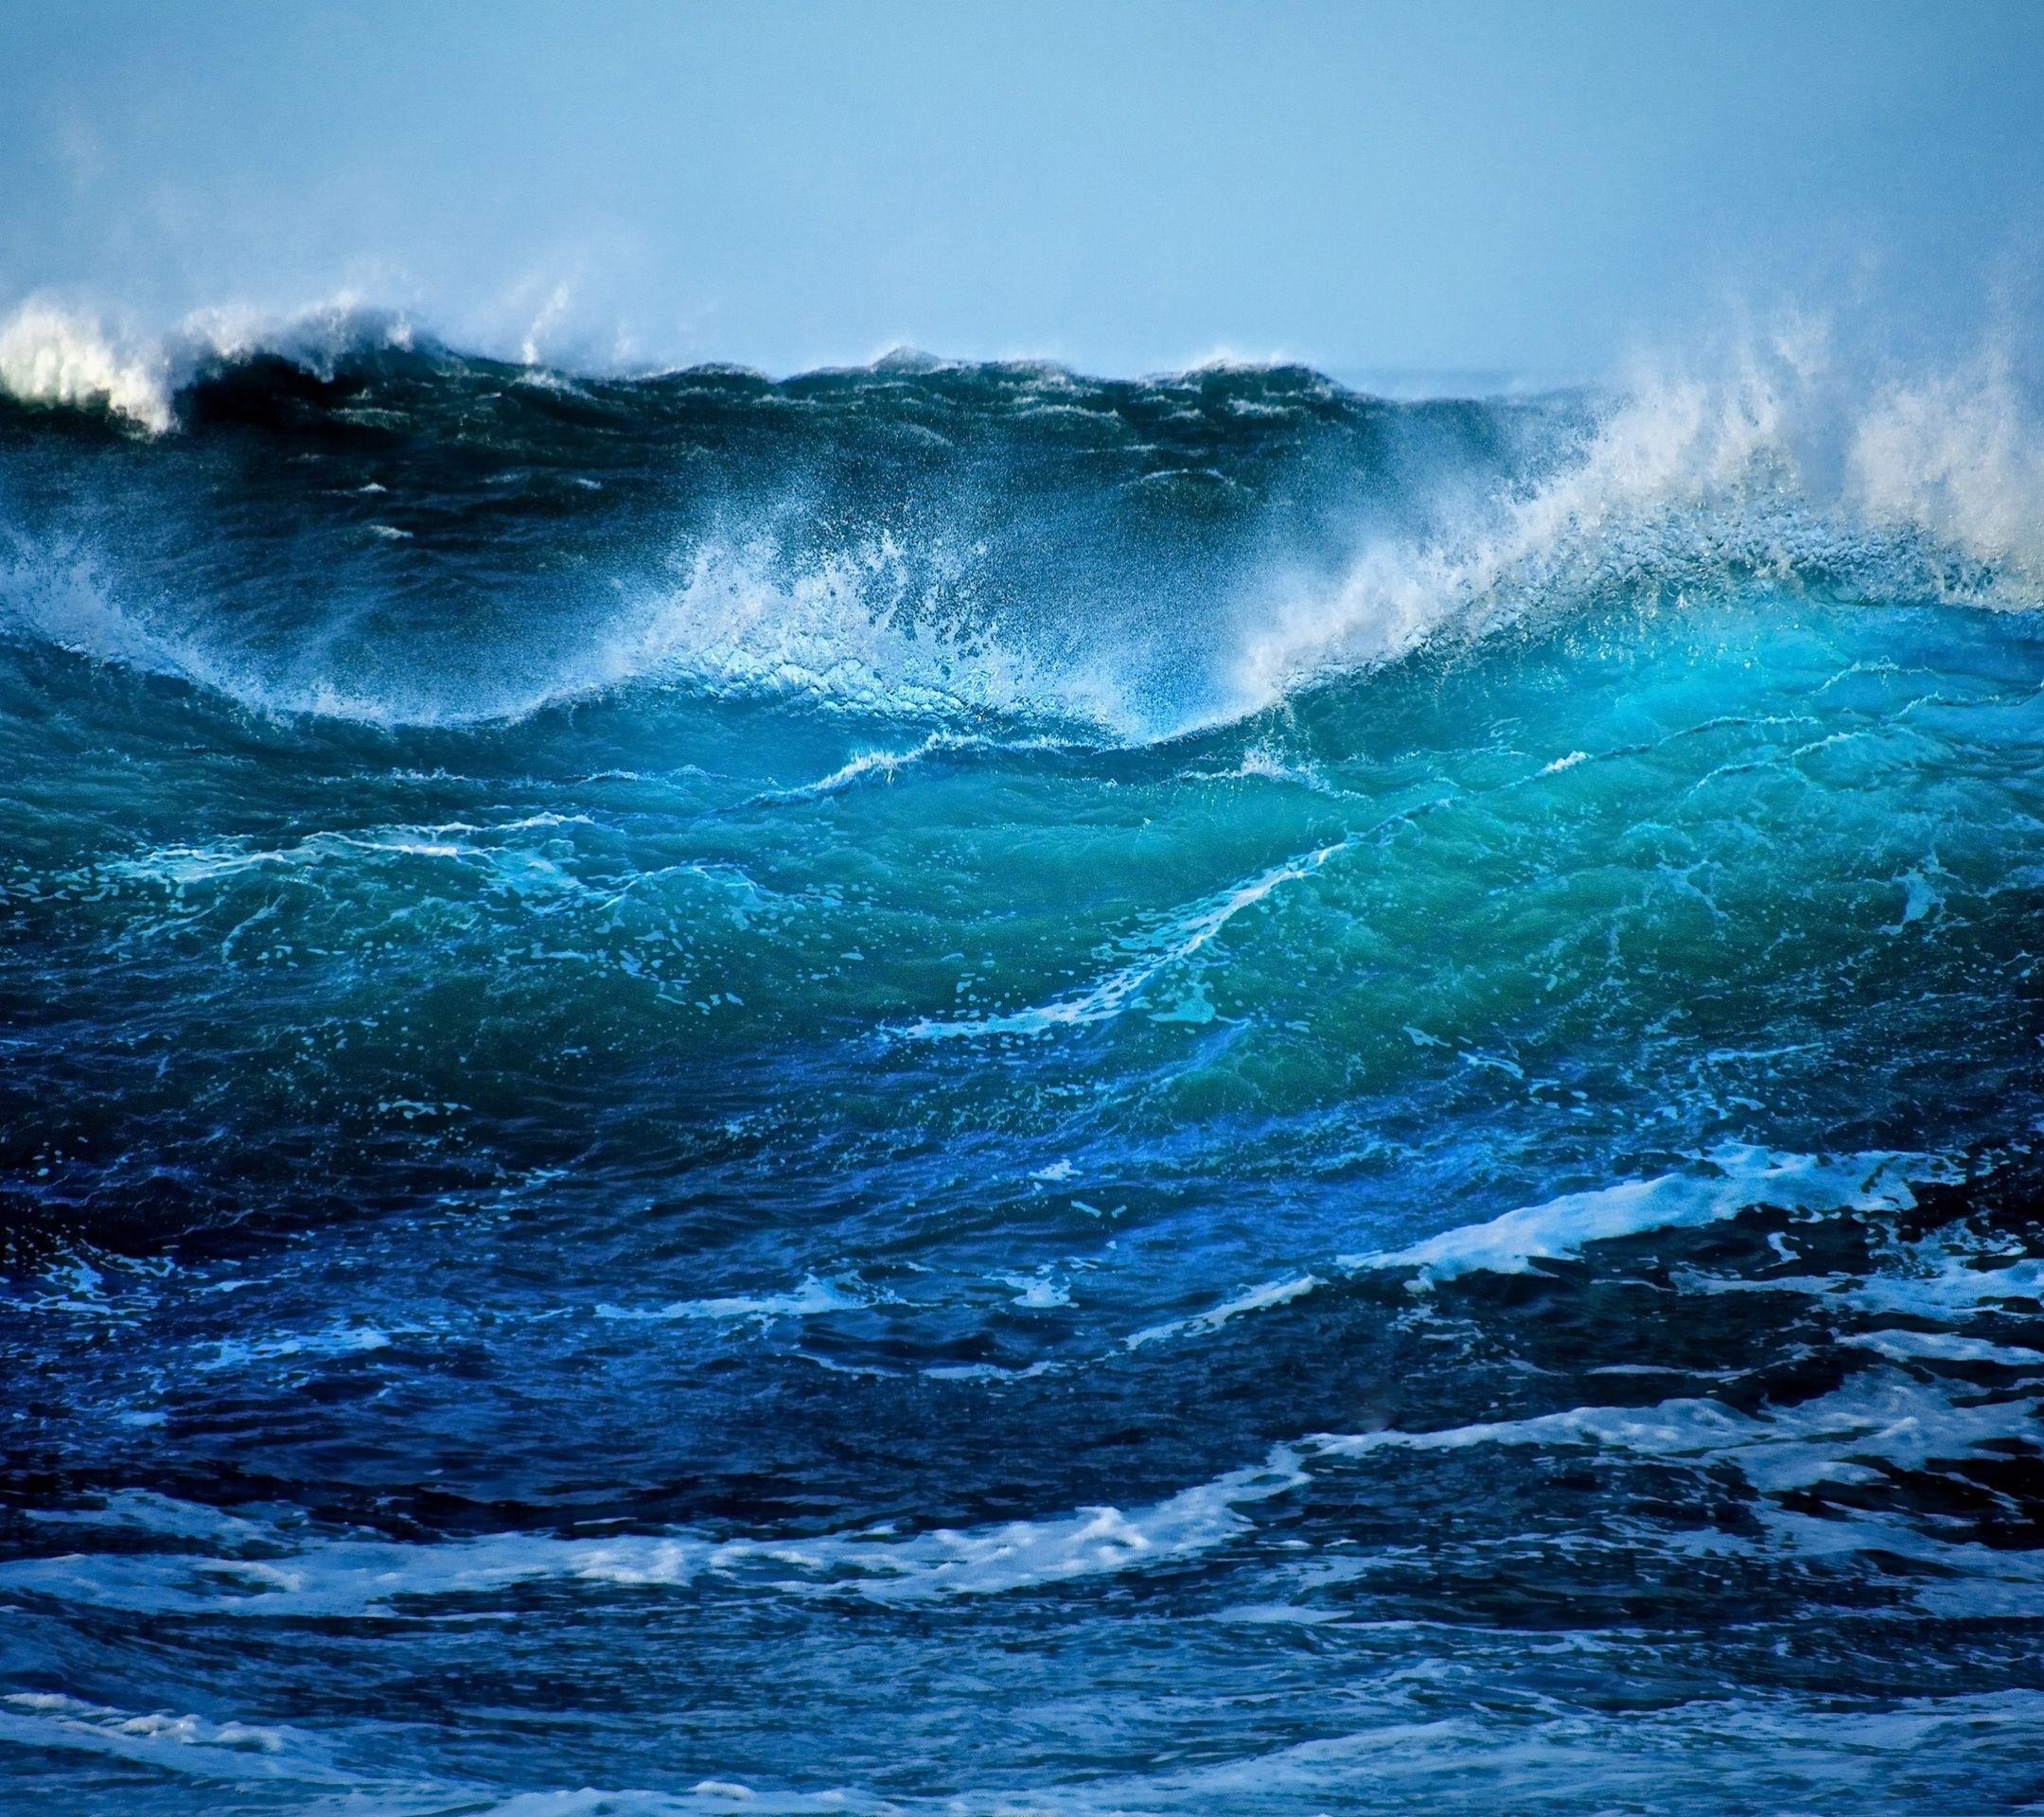 resultado de imagem para wave wallpaper hd | awesome waves